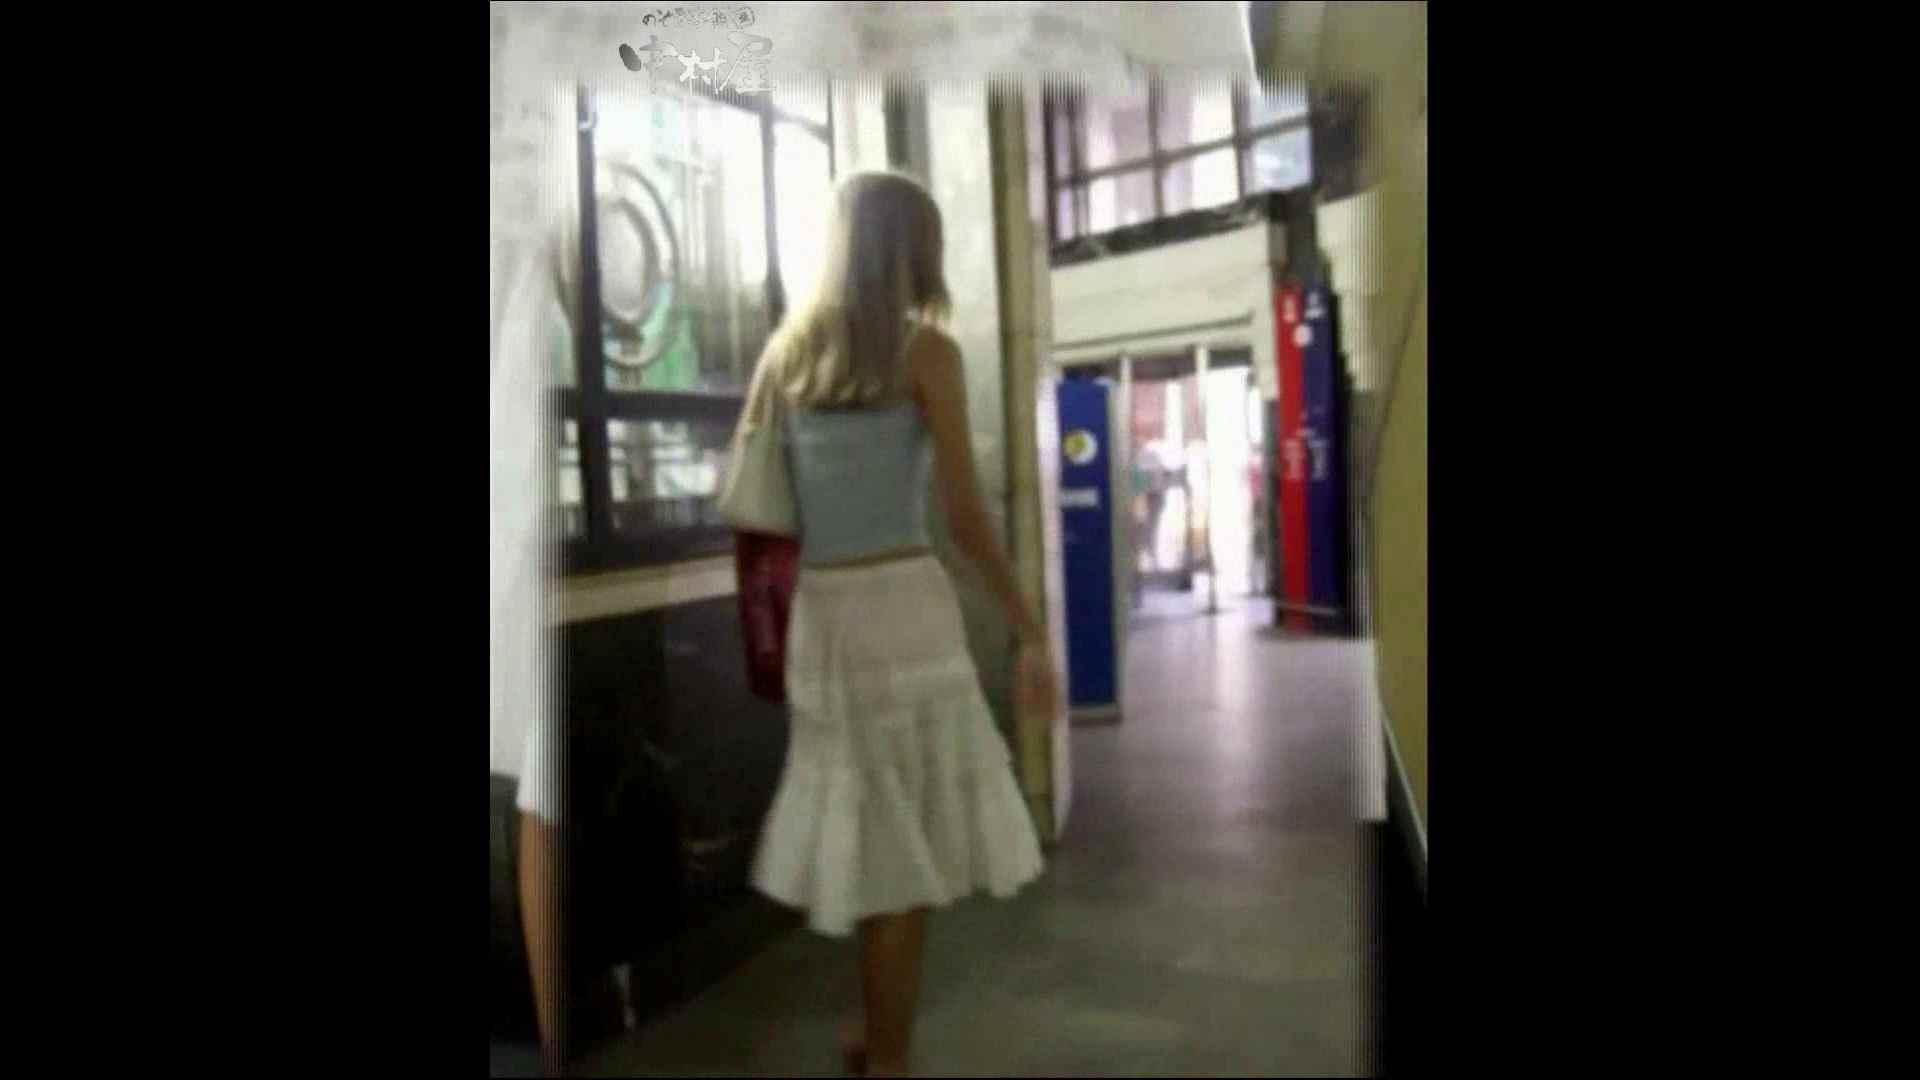 綺麗なモデルさんのスカート捲っちゃおう‼ vol16 お姉さん   0  95画像 89